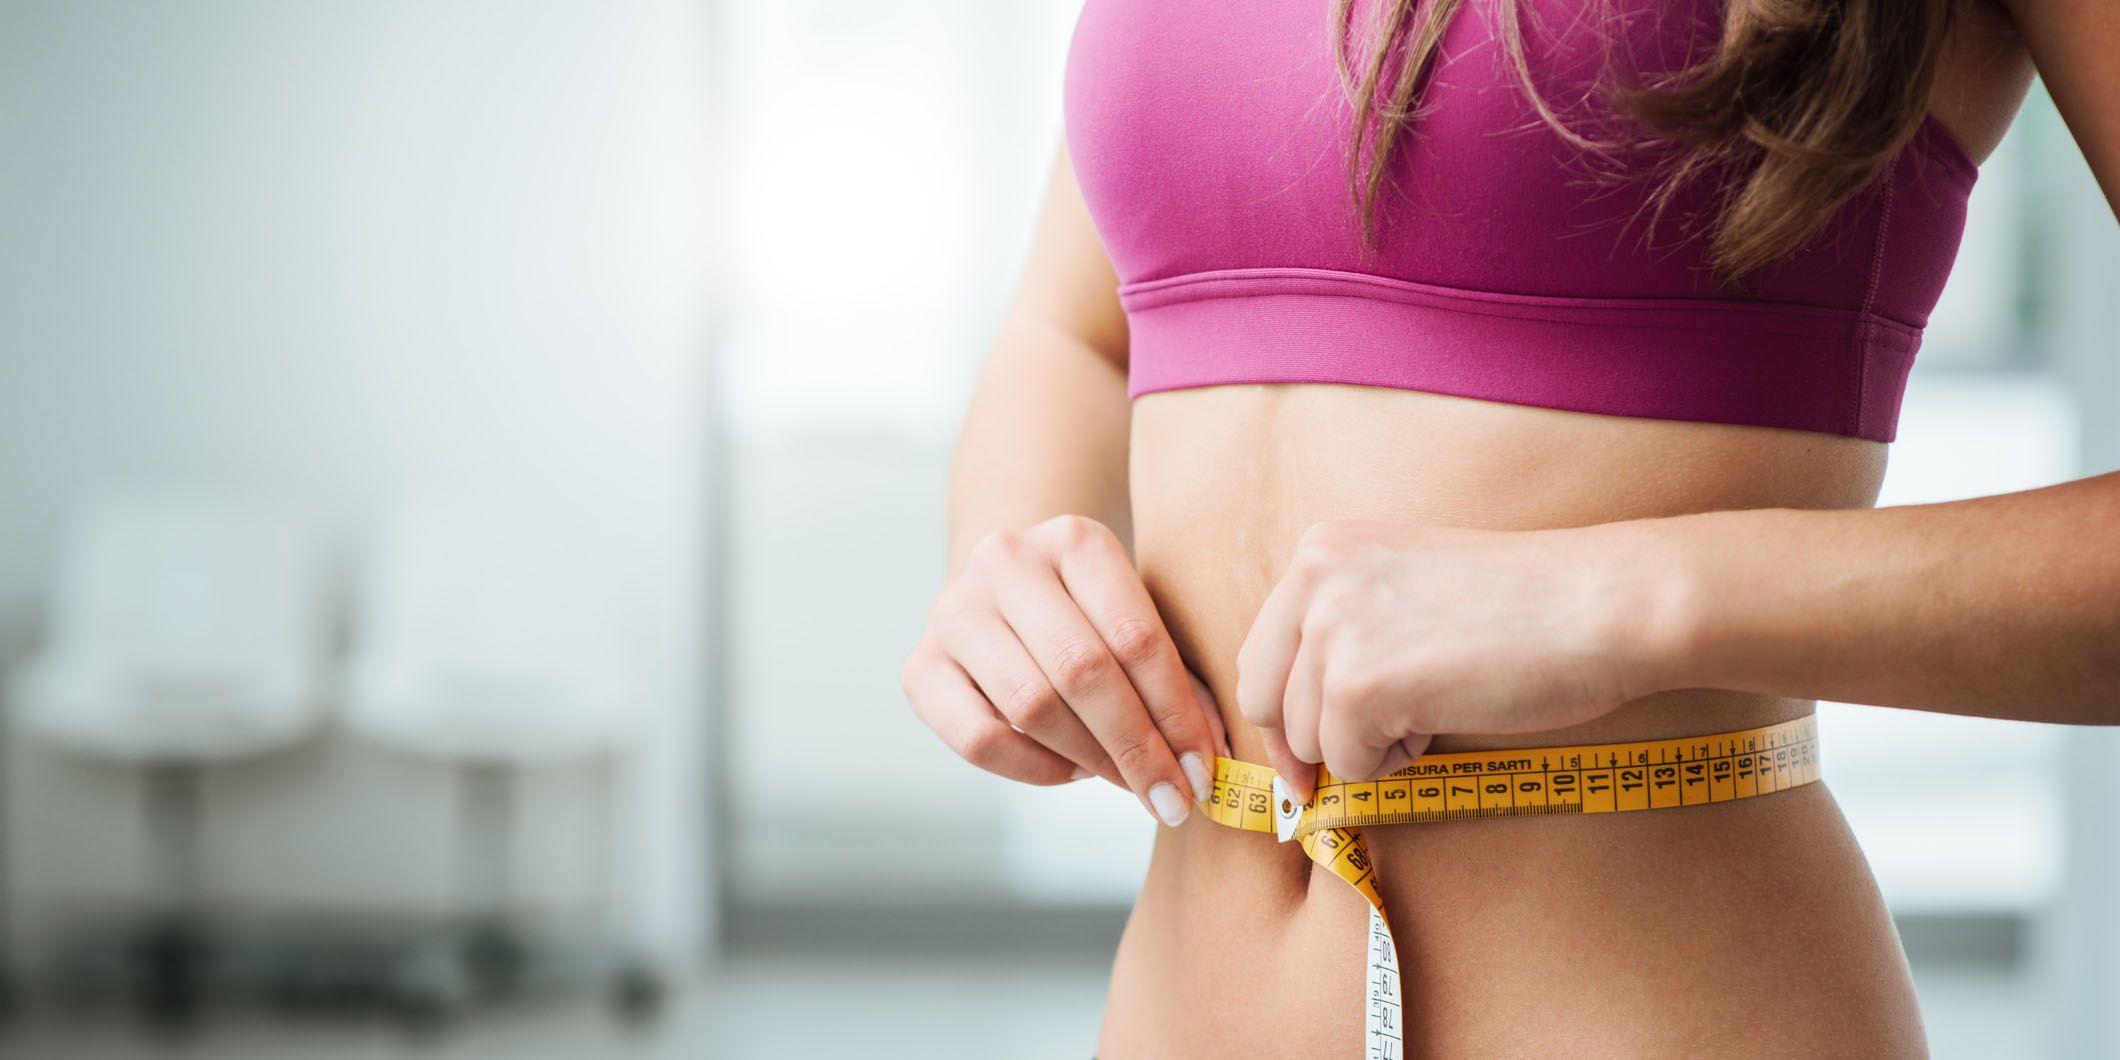 dieta-metabolica-pro-contro